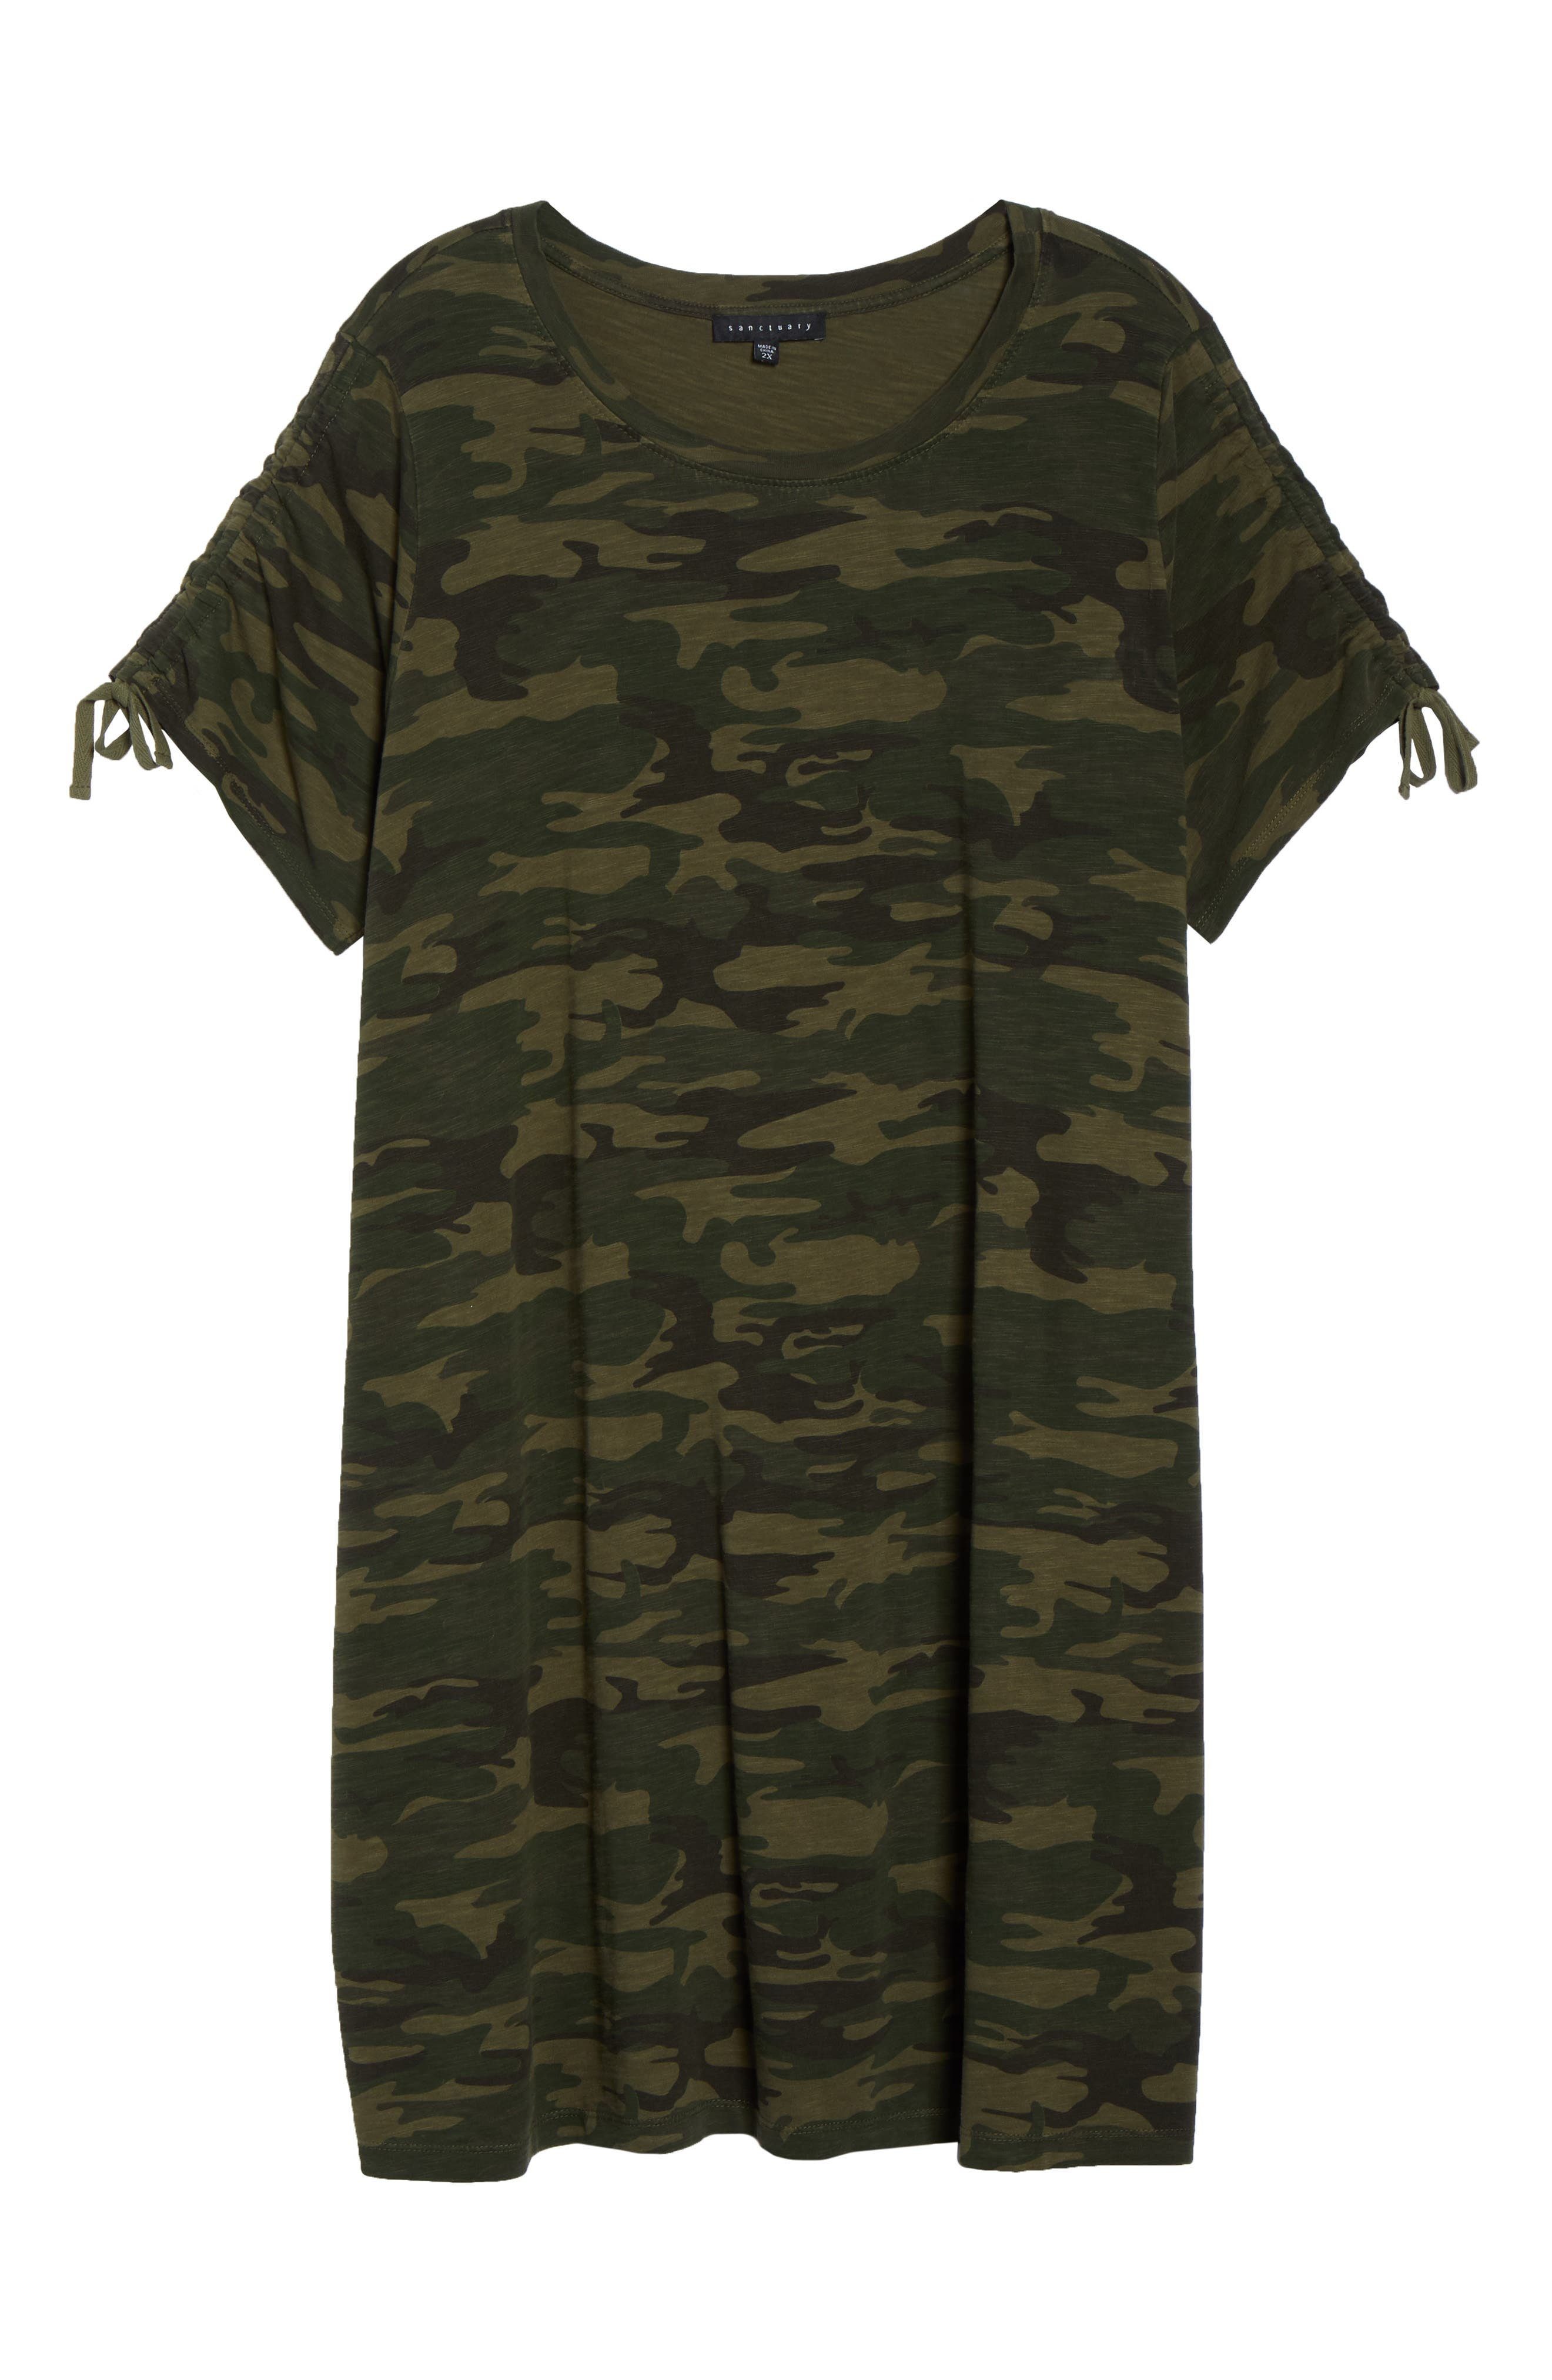 Ojai Camo T-Shirt Dress,                             Alternate thumbnail 3, color,                             MOTHER NATURE CAMO